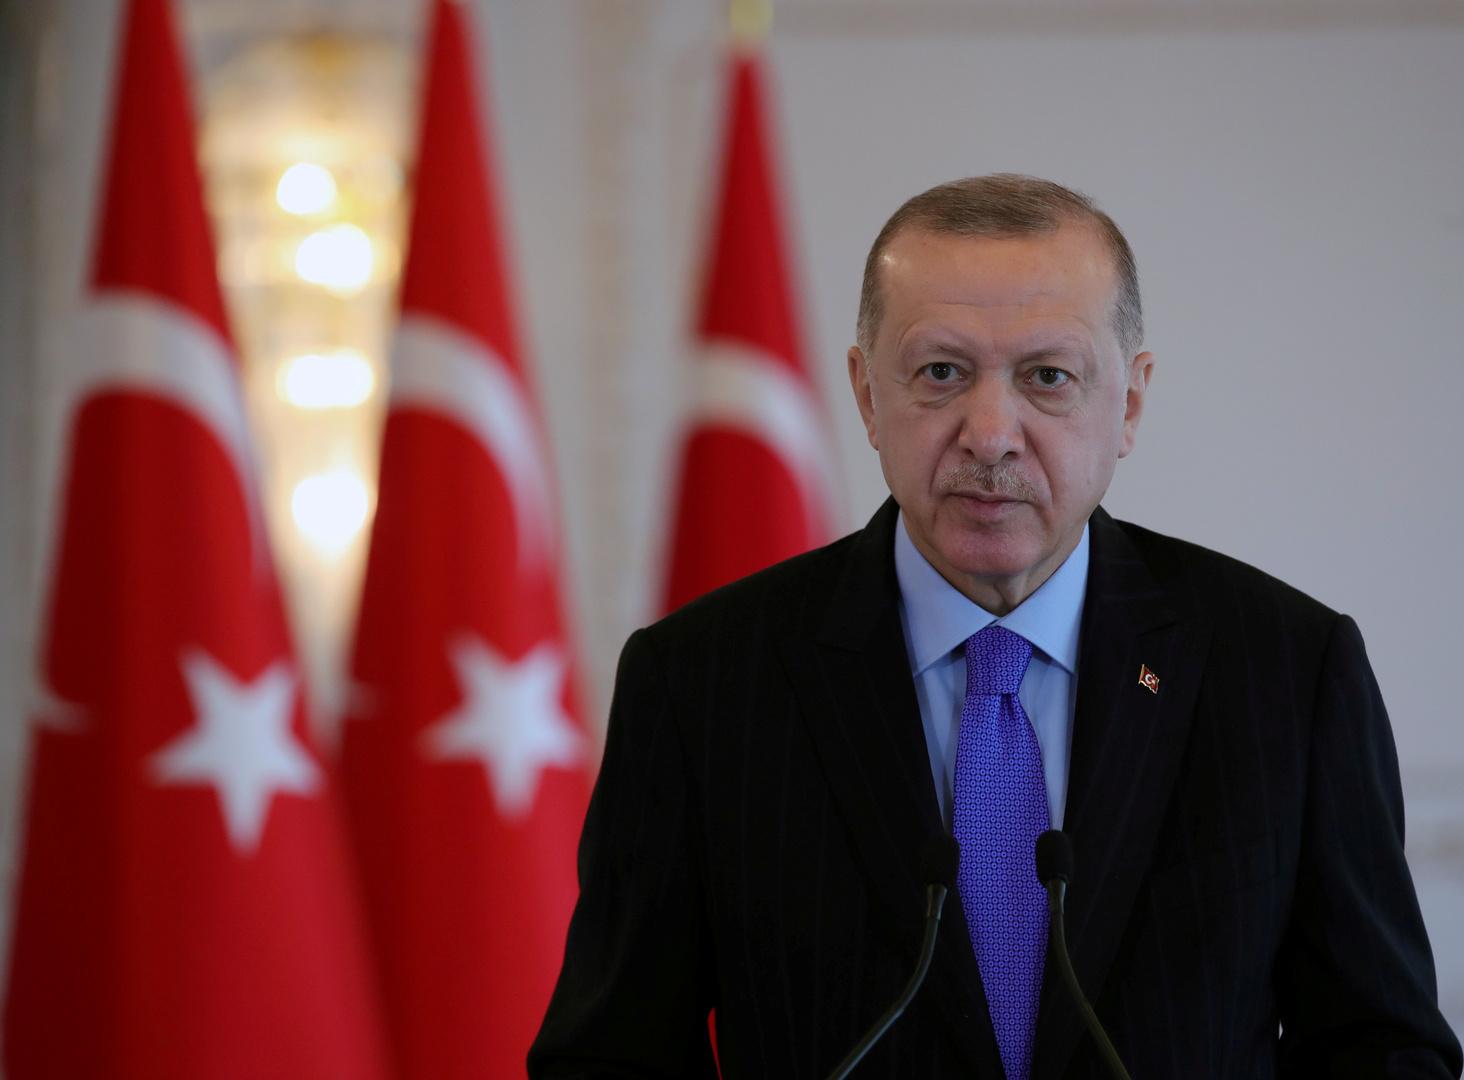 دبلوماسي إيطالي: أردوغان لا يتقبل النقد ويمكن احتواء الأزمة بين بلدينا